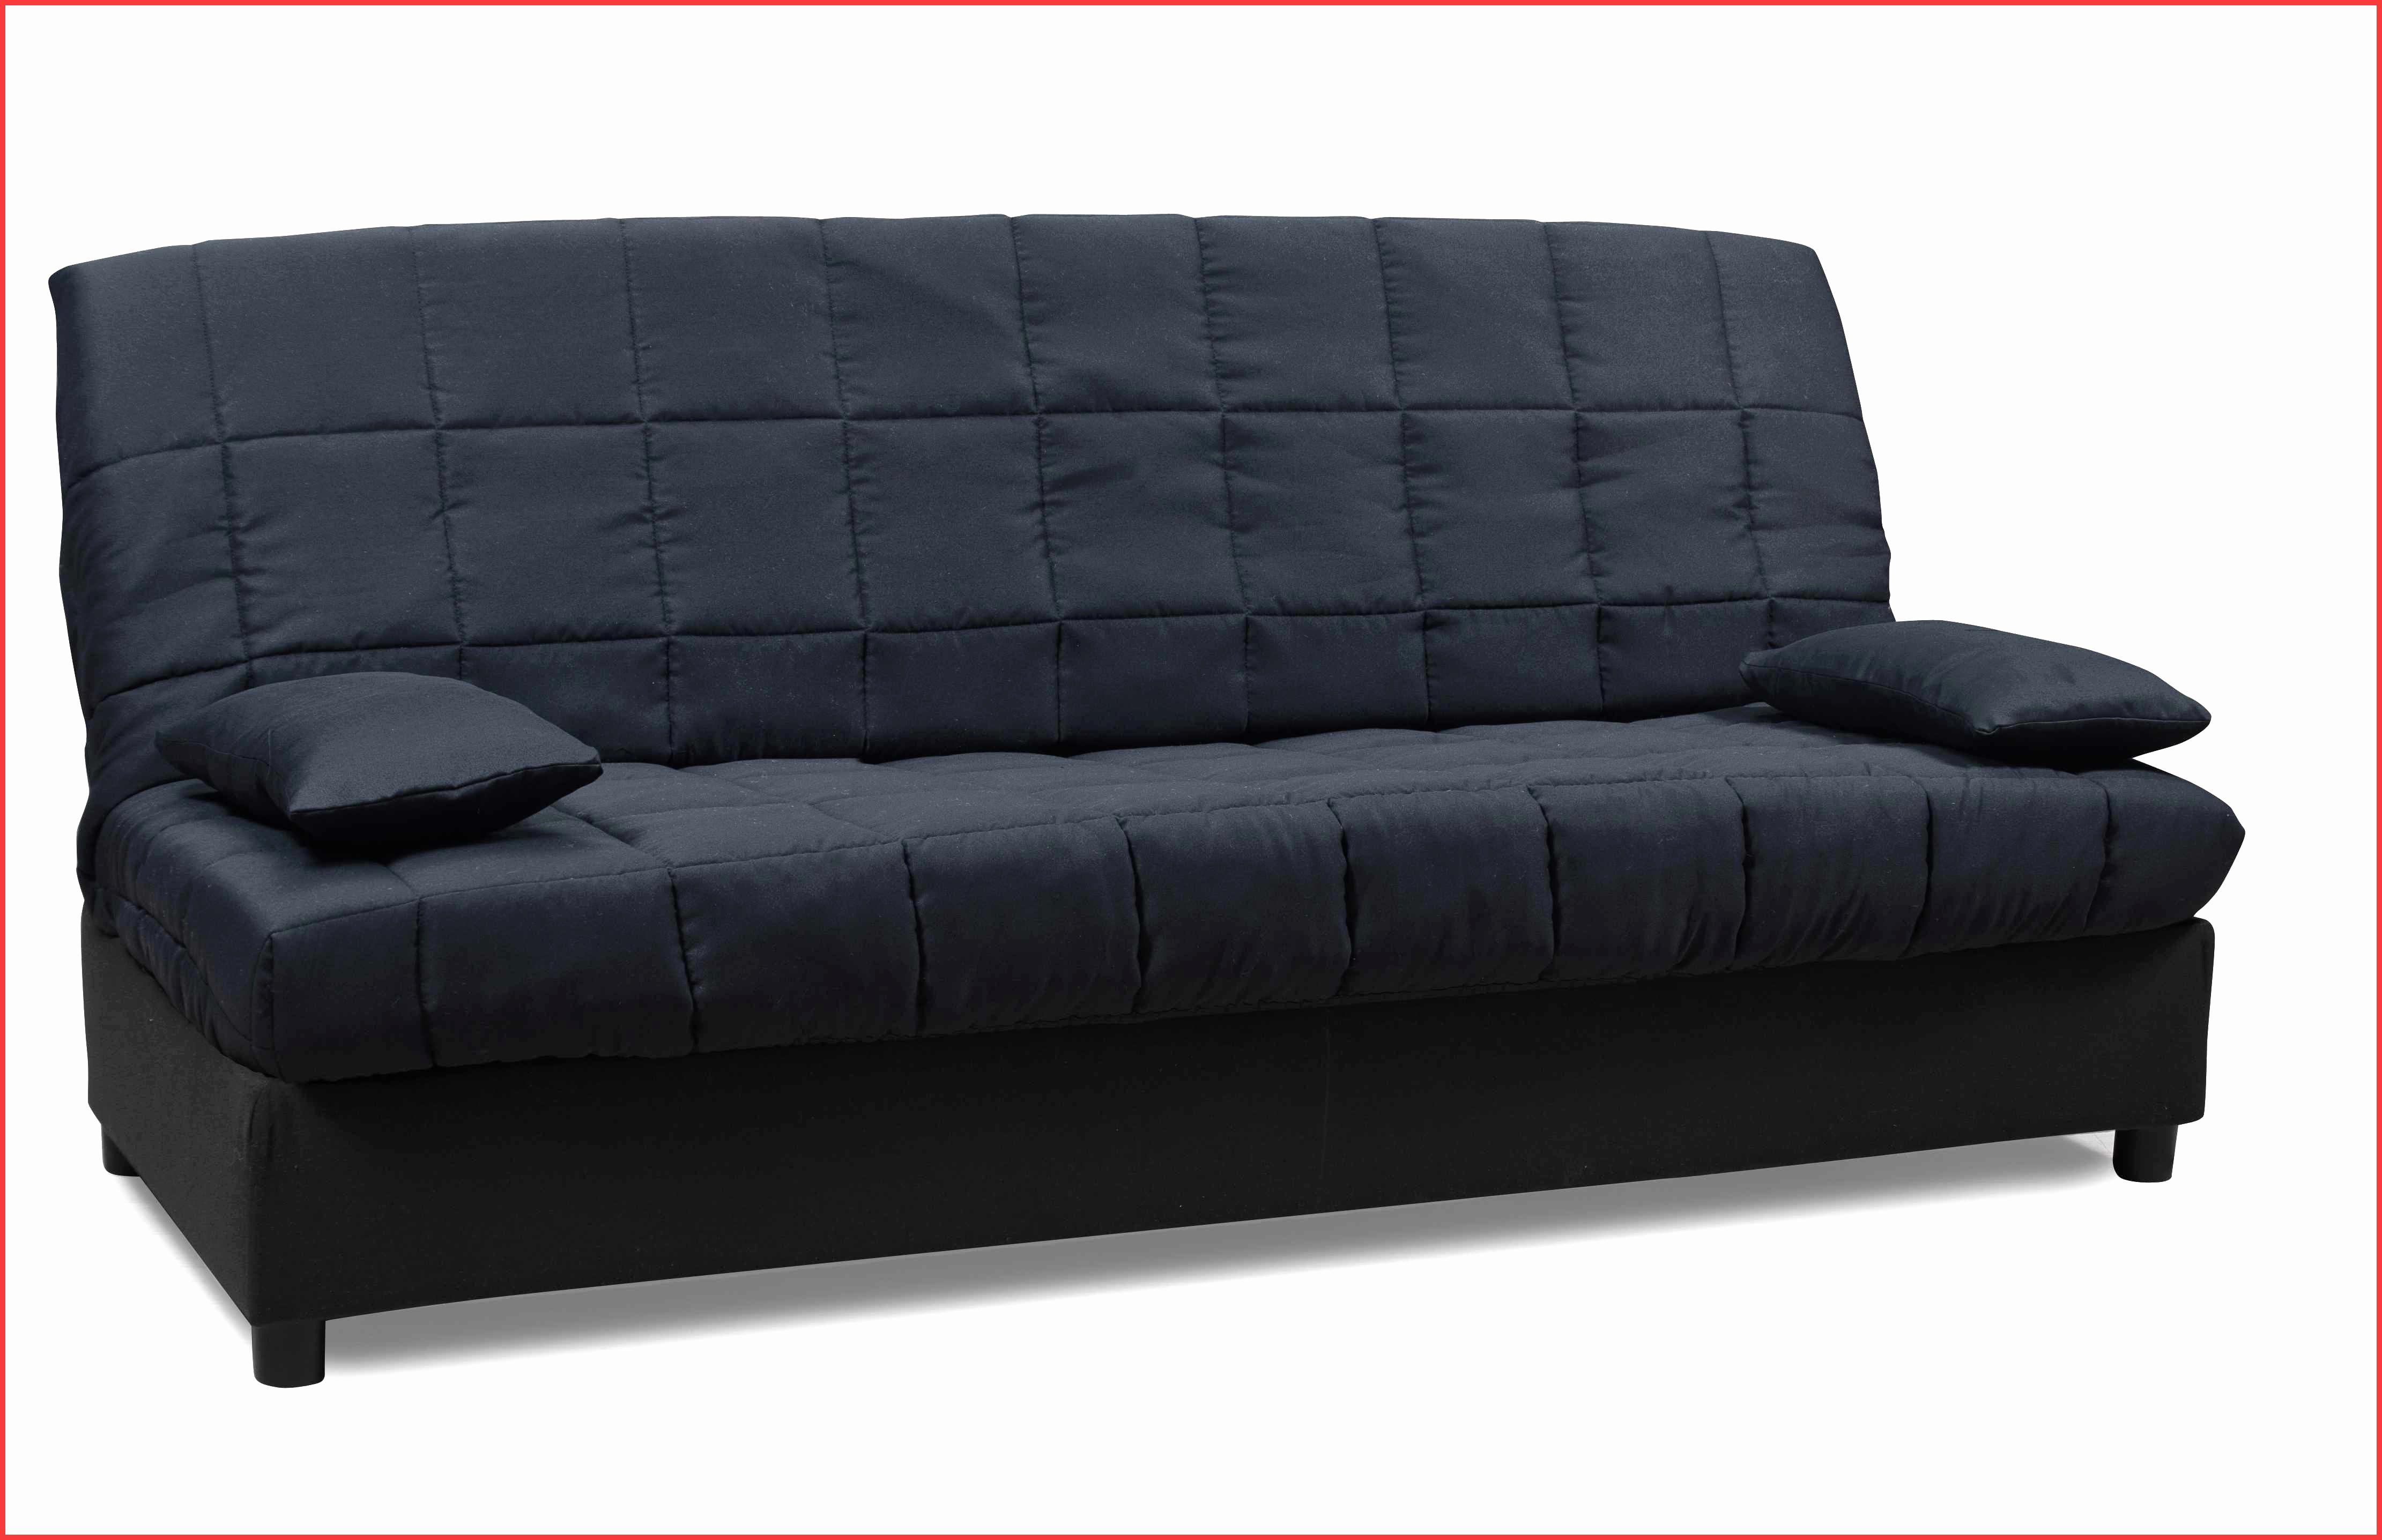 Lit Mezzanine Clic Clac Ikea Frais Photos Bout De Canap Ika Canap Clic Clac Cuir Bz Pas Cher Ikea Unique O D